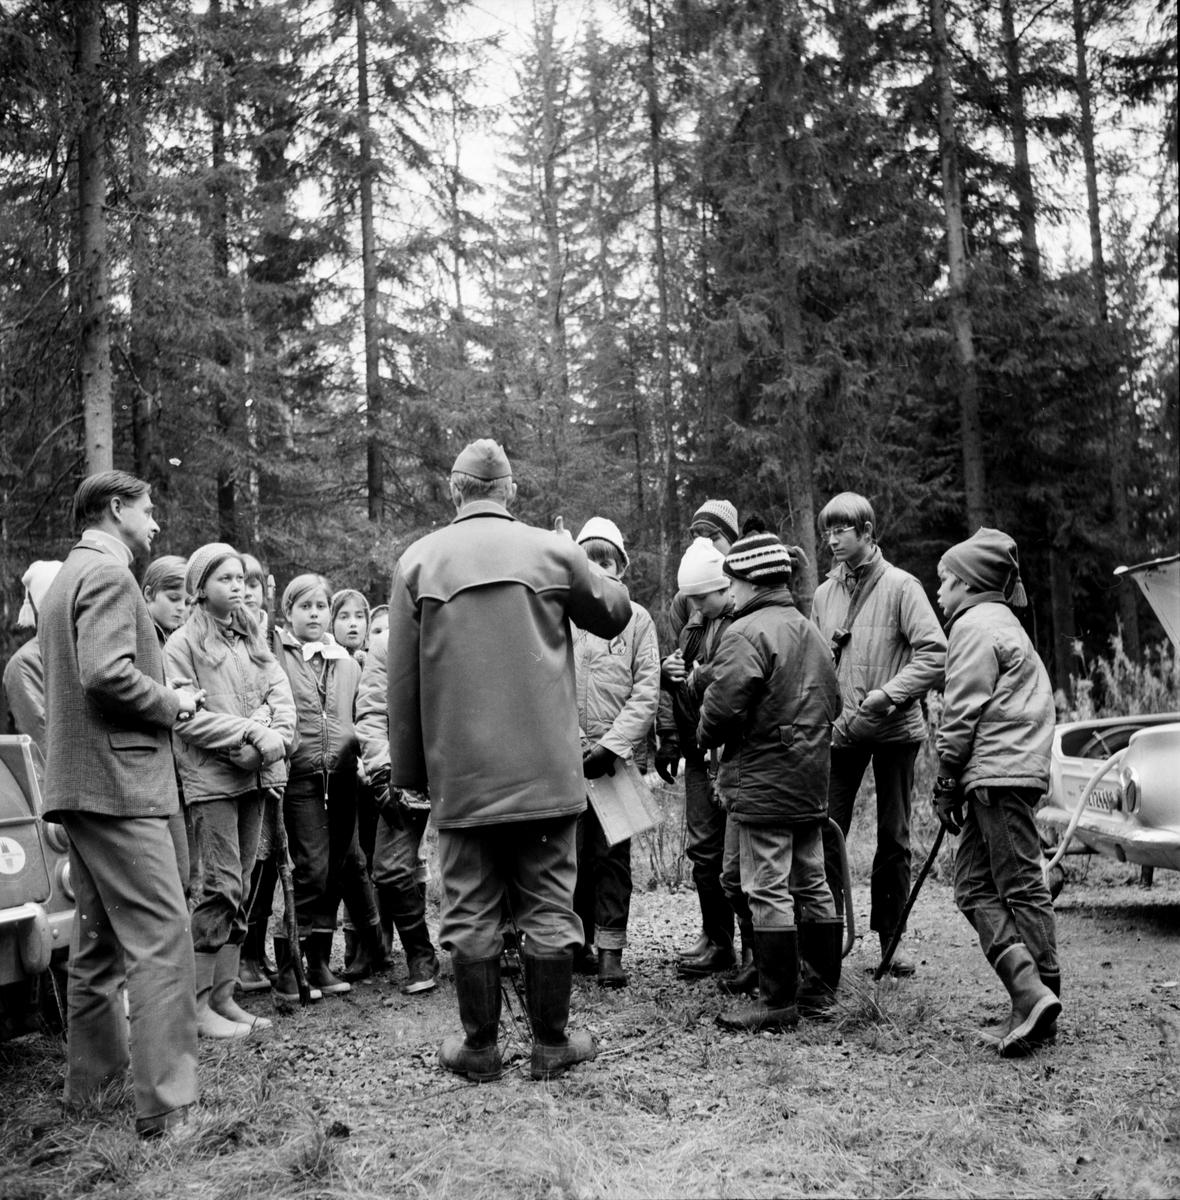 Arbrå, Scouterna på väg till Söröms, Okt. 1969